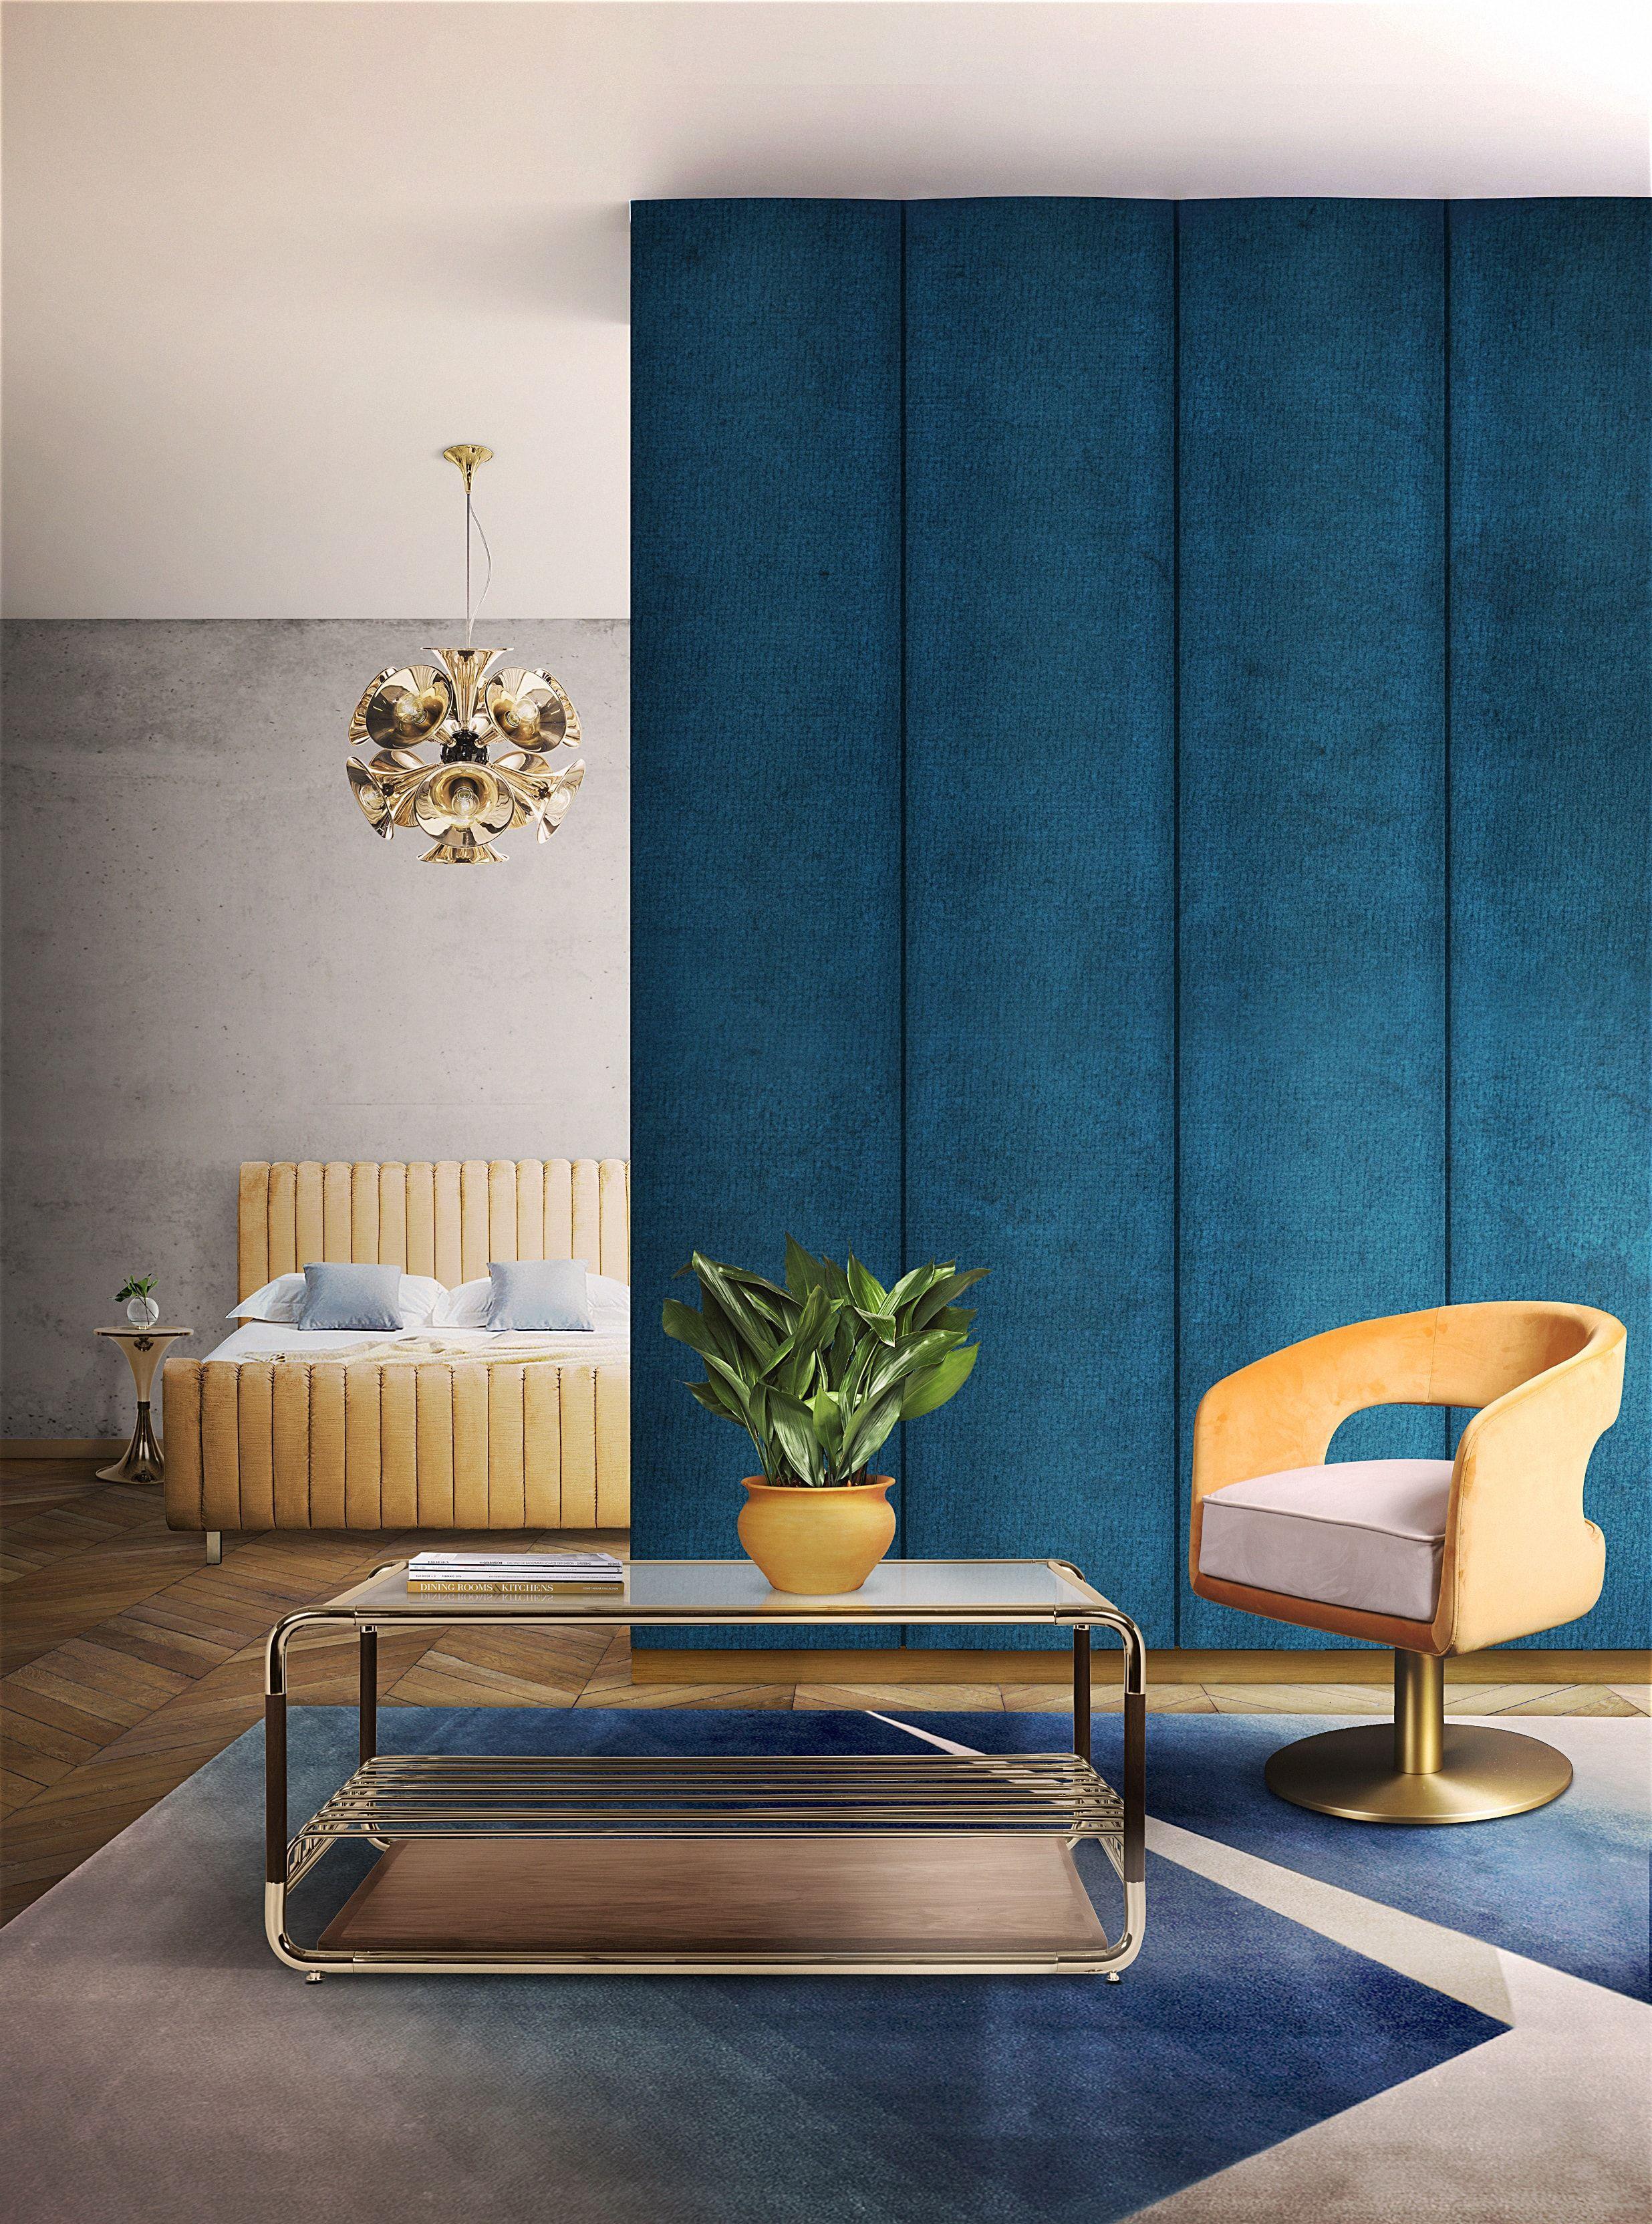 products of dream home interior design home decor inspiration rh pinterest com